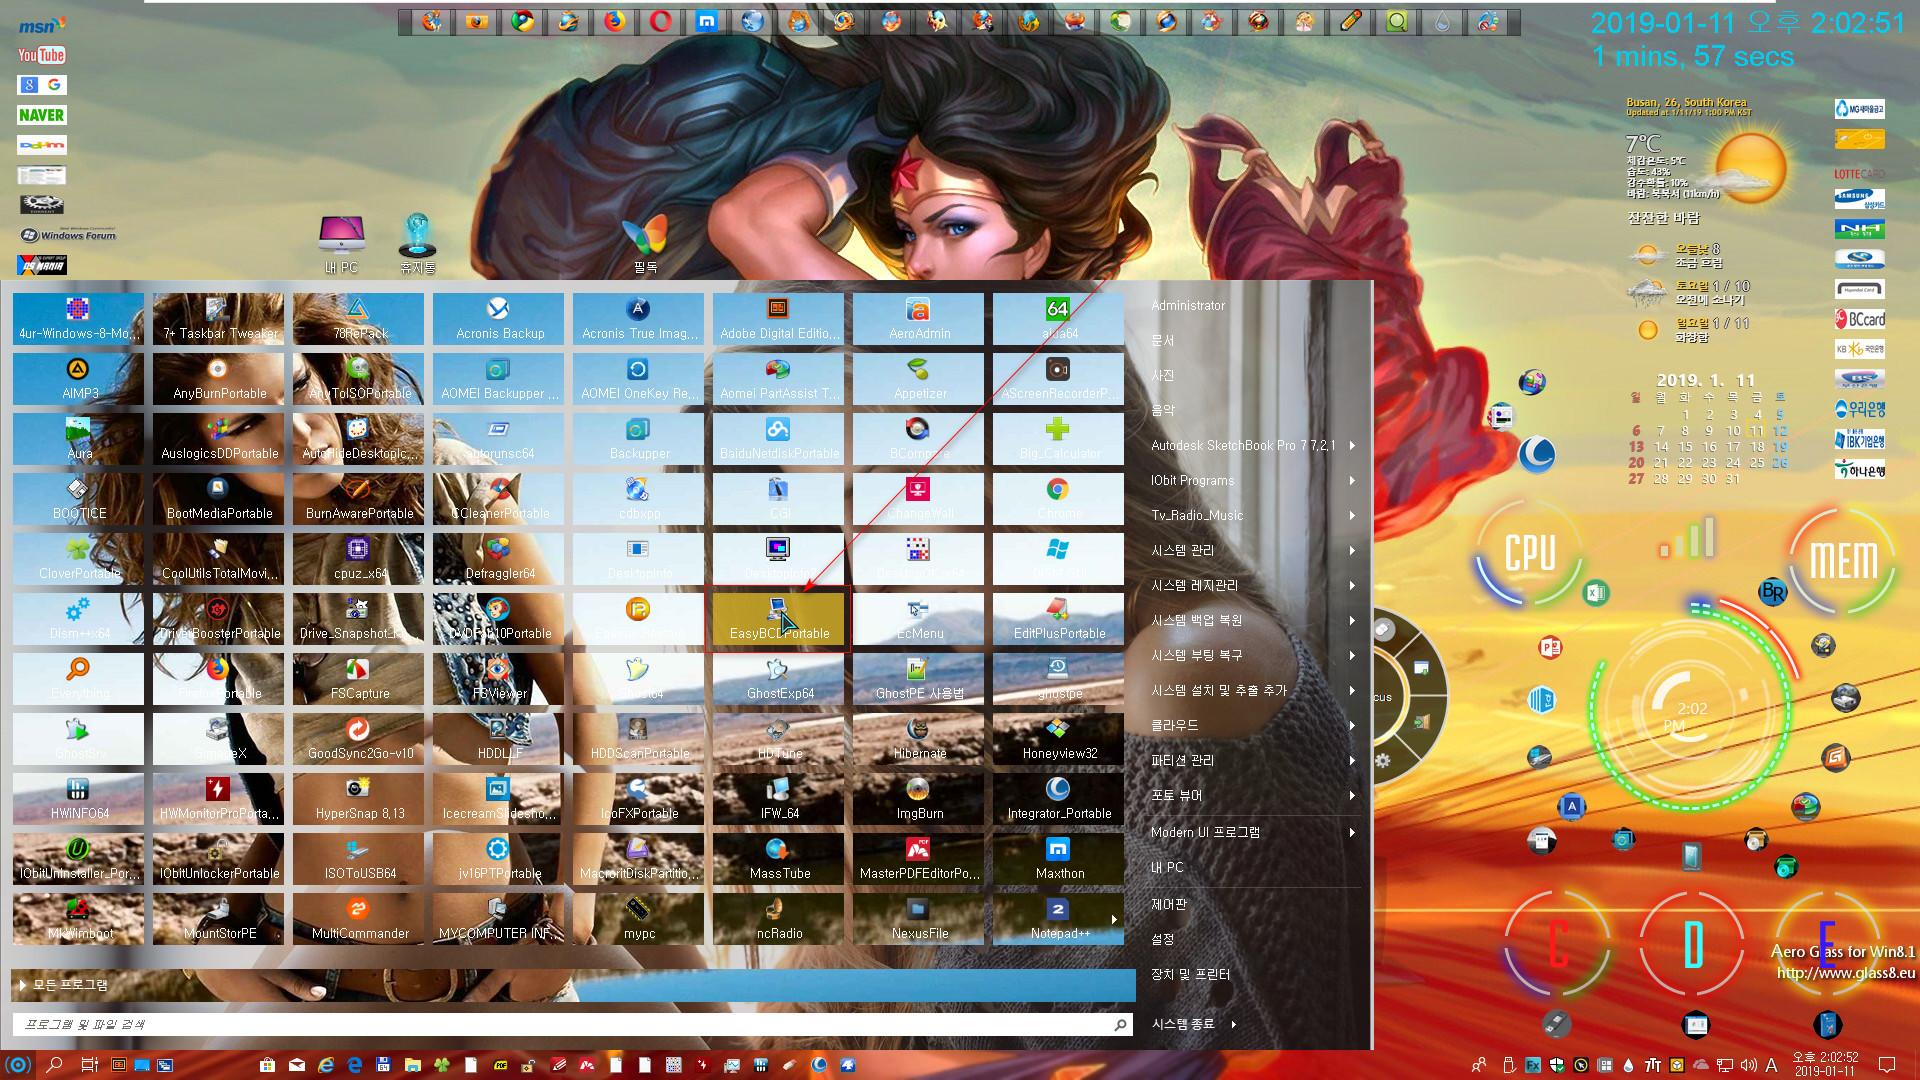 태풍OO님 Win10_Rs5_pArAoTPg35_윈도와PE의프로그램들공유-vhd만들어서vmware에연결 - 우클릭 메뉴의 PE 부팅 수정하기 2019-01-11_140252.jpg